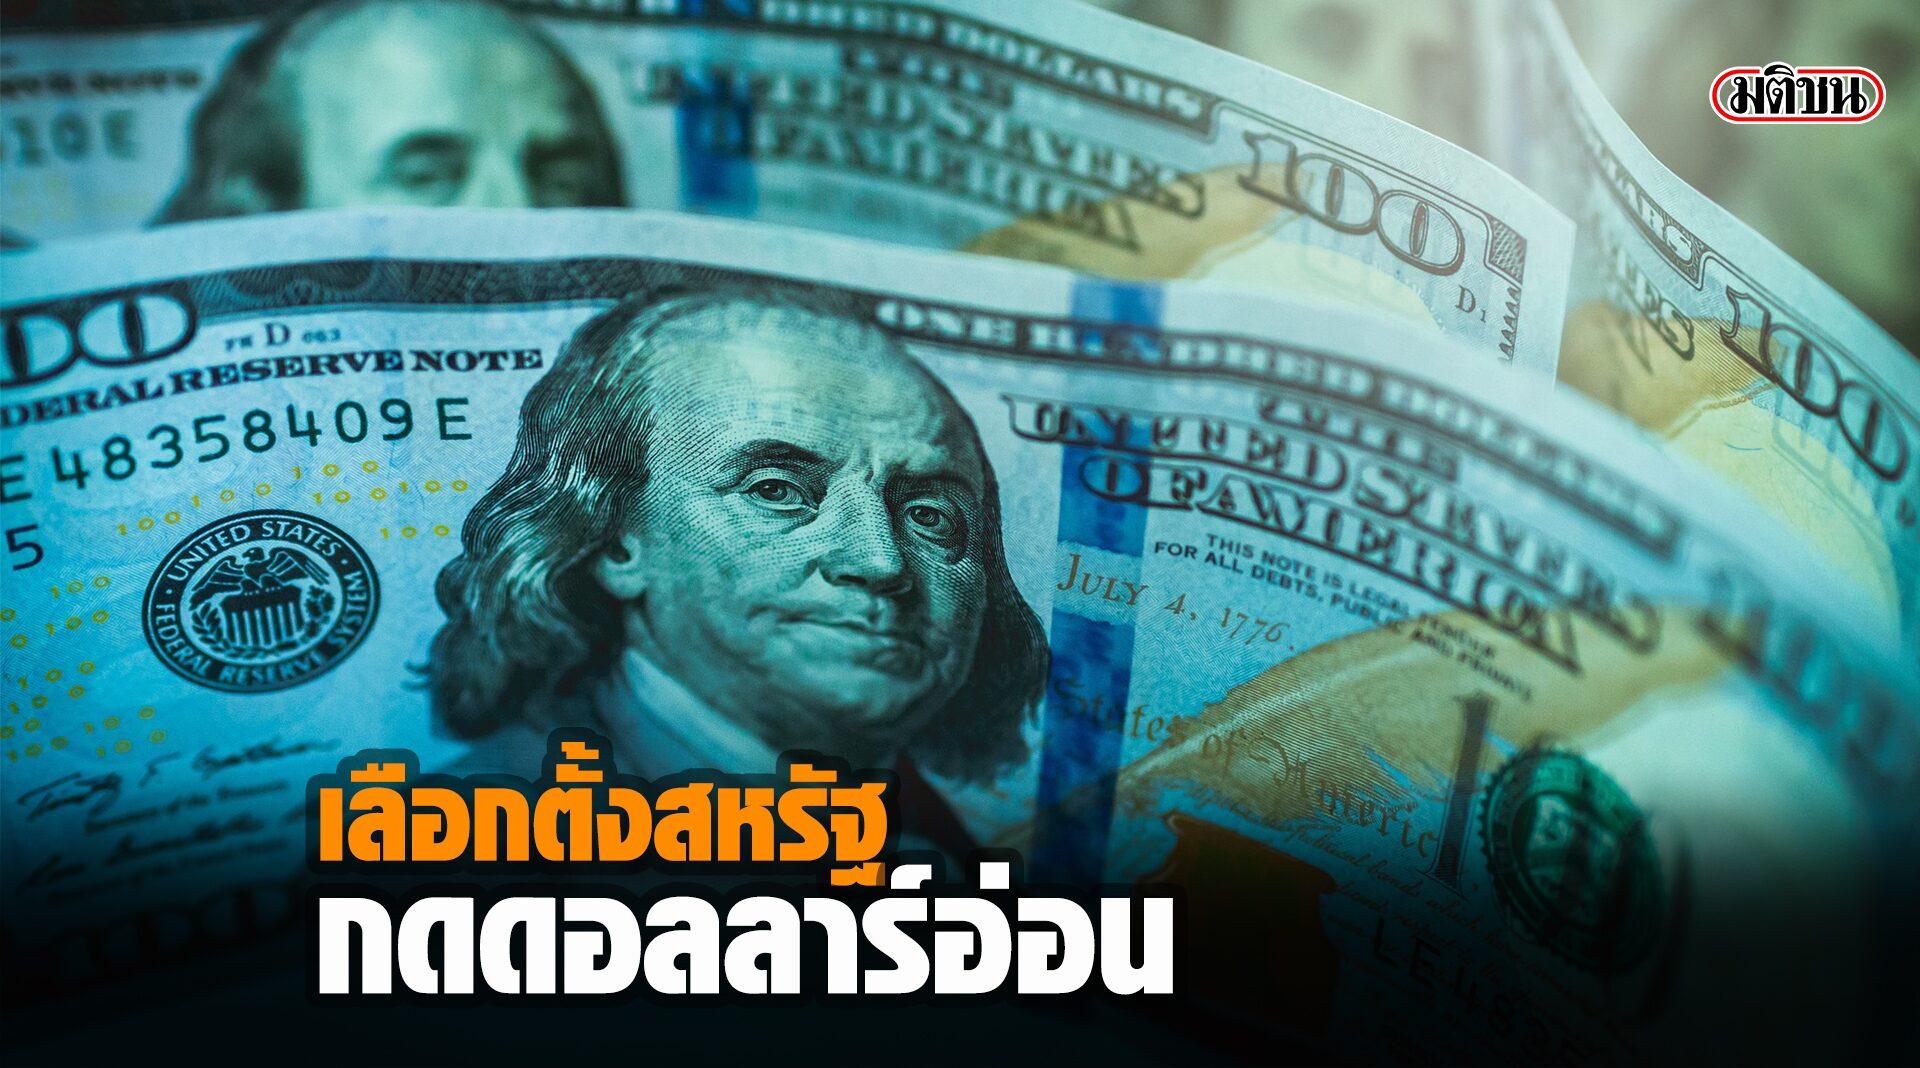 ผลเลือกตั้งสหรัฐกดดอลลาร์อ่อน ดันเงินเอเชียแข็ง กรอบบาท 31.05-31.25 บาทต่อดอลล์